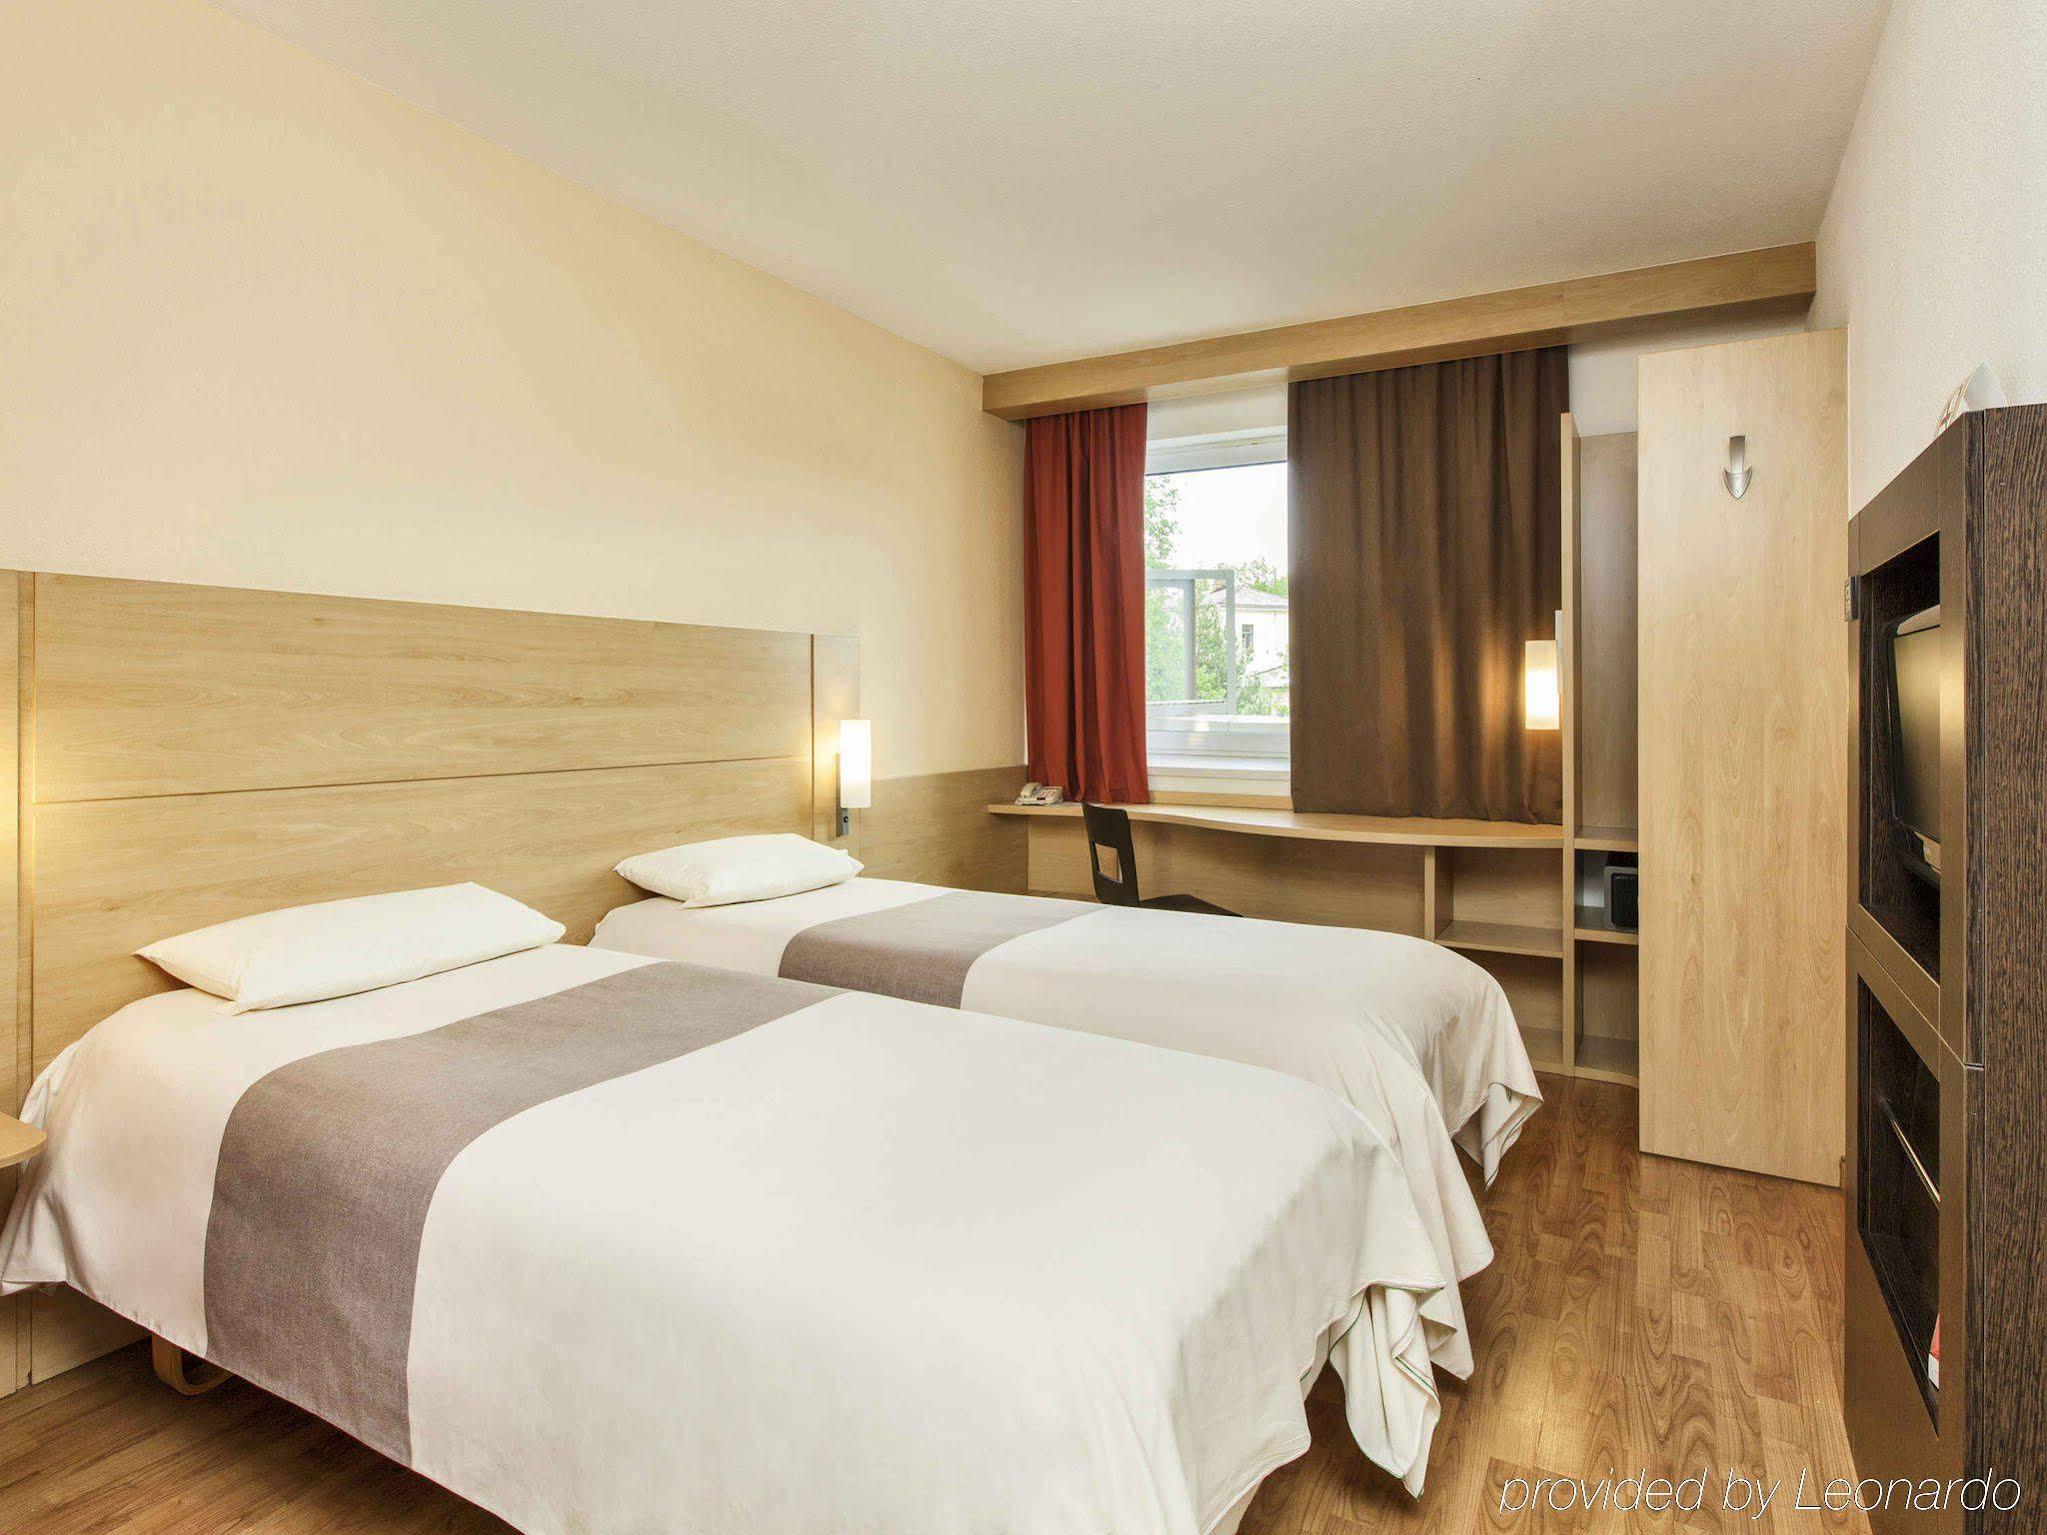 Hotel Cosmos, Yaroslavl: description of rooms, reviews